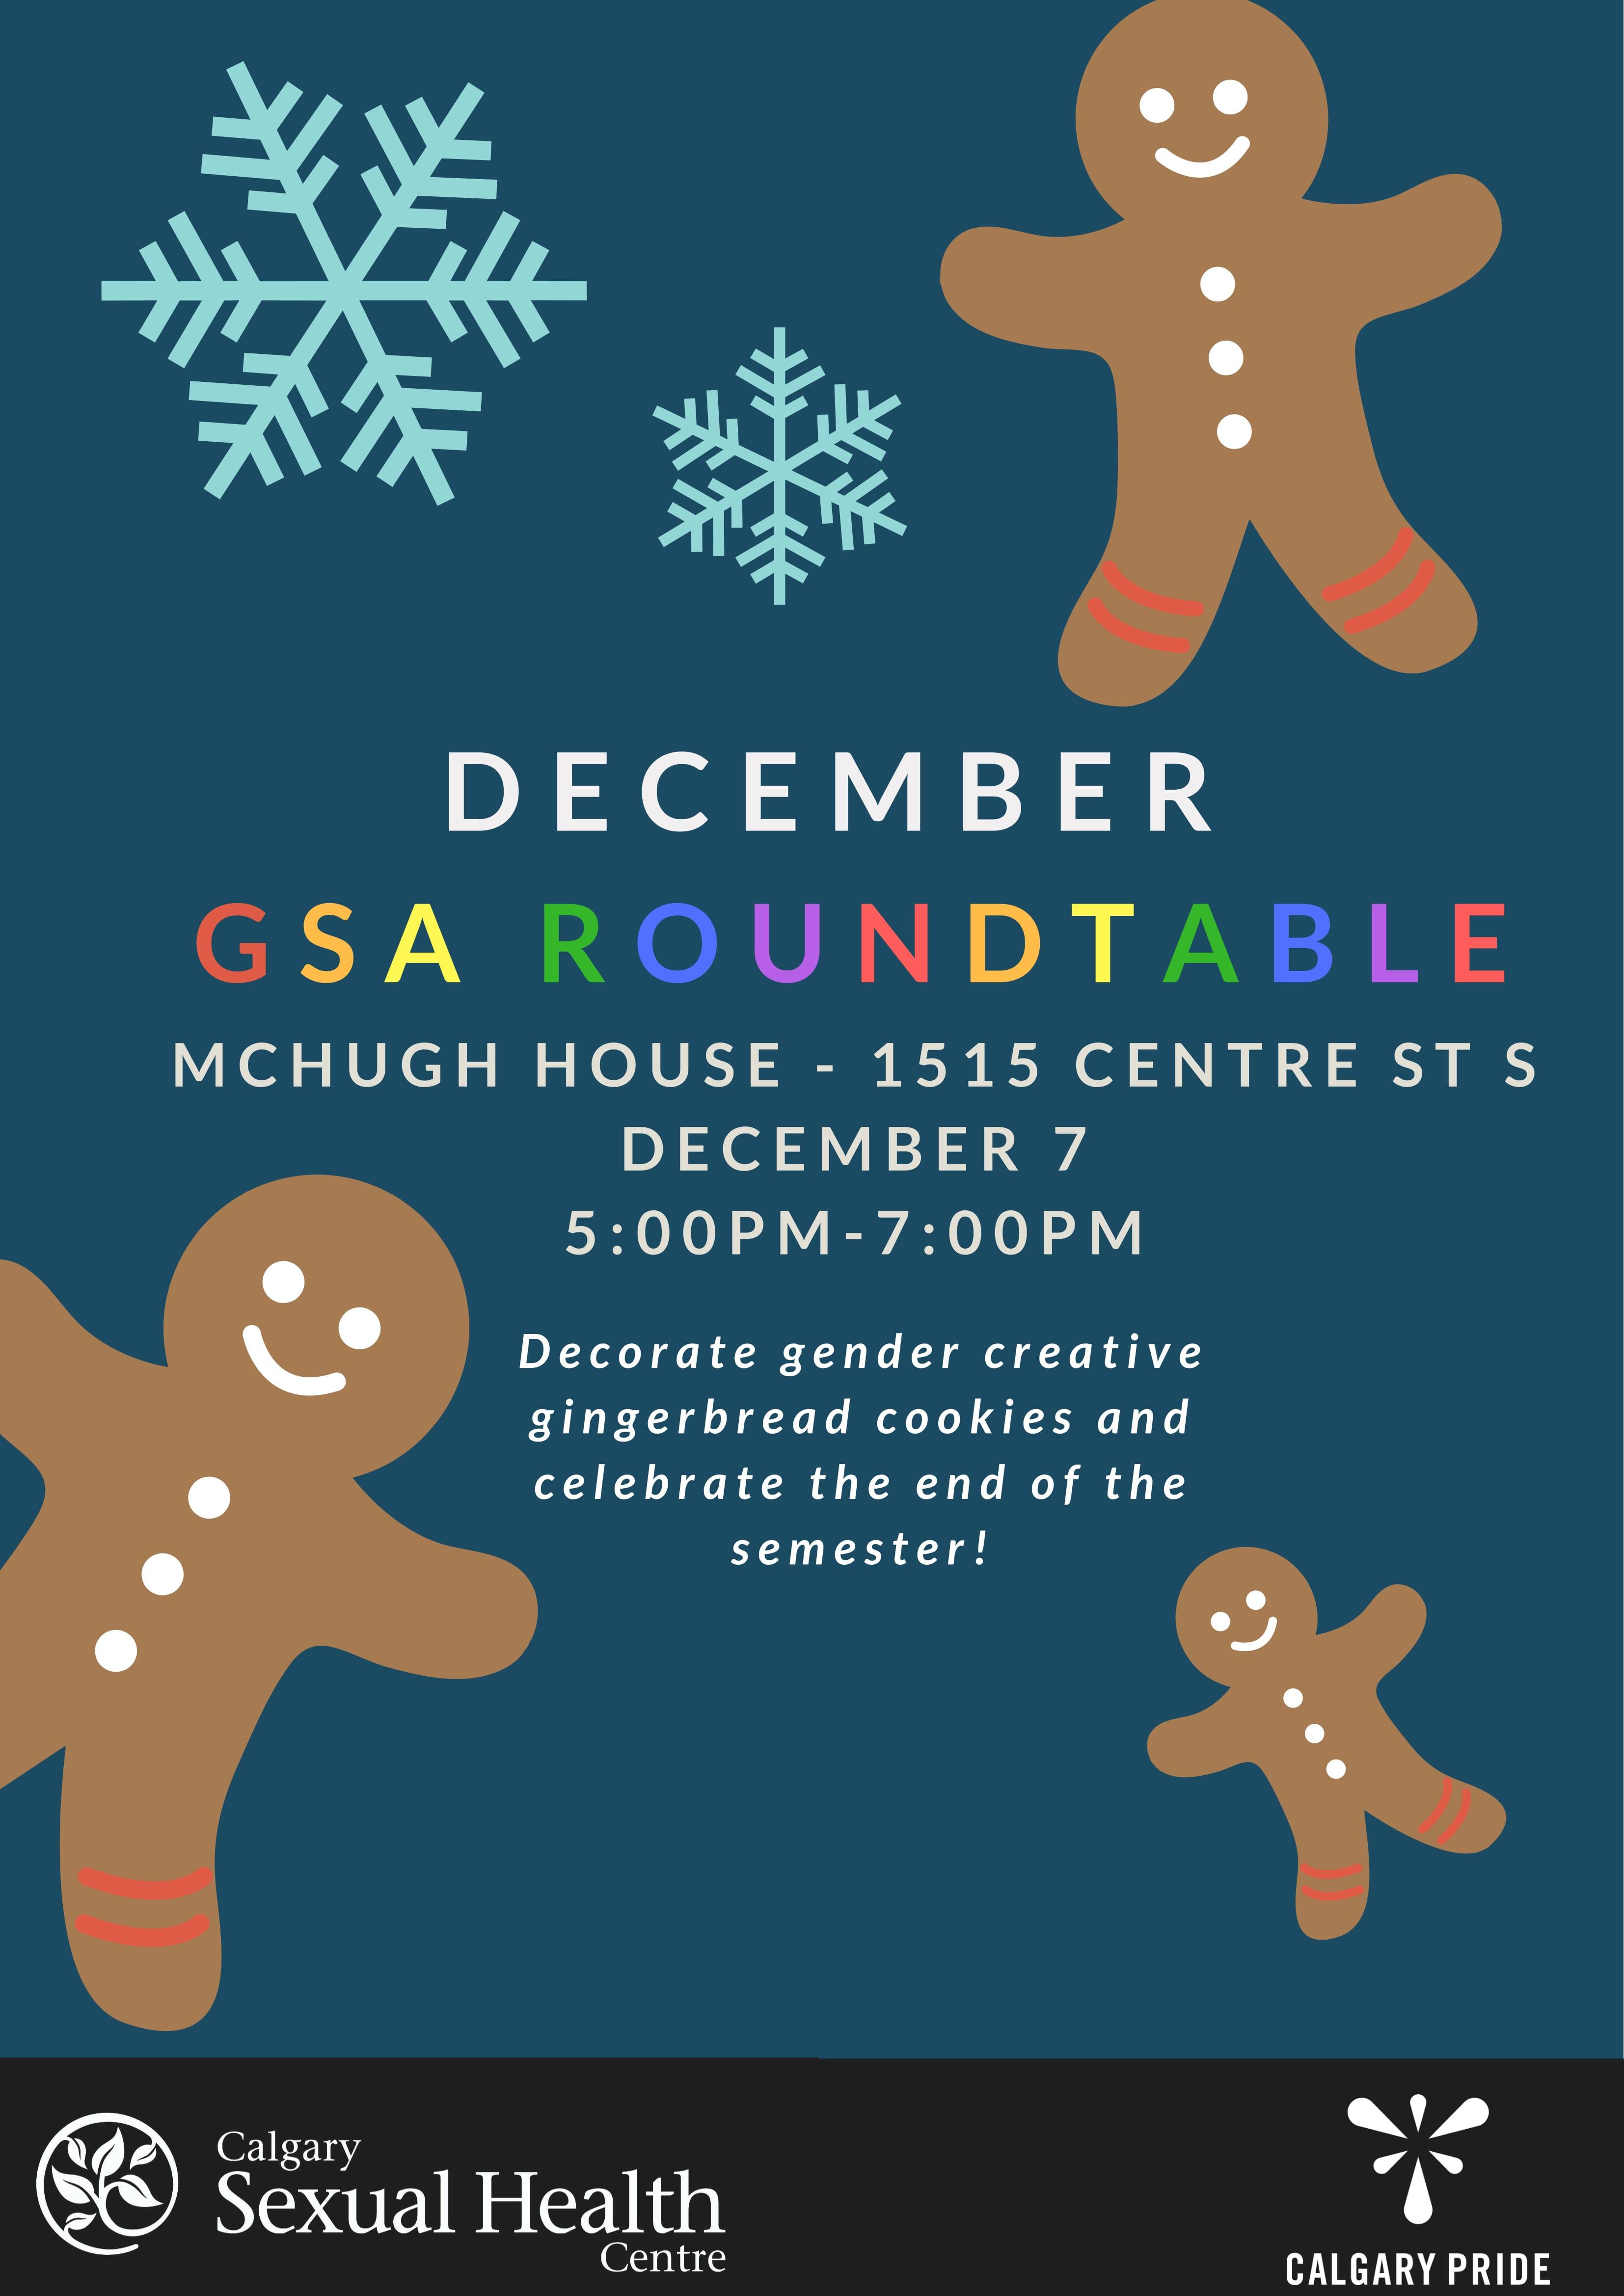 december_GSA_roundtable-1.jpg